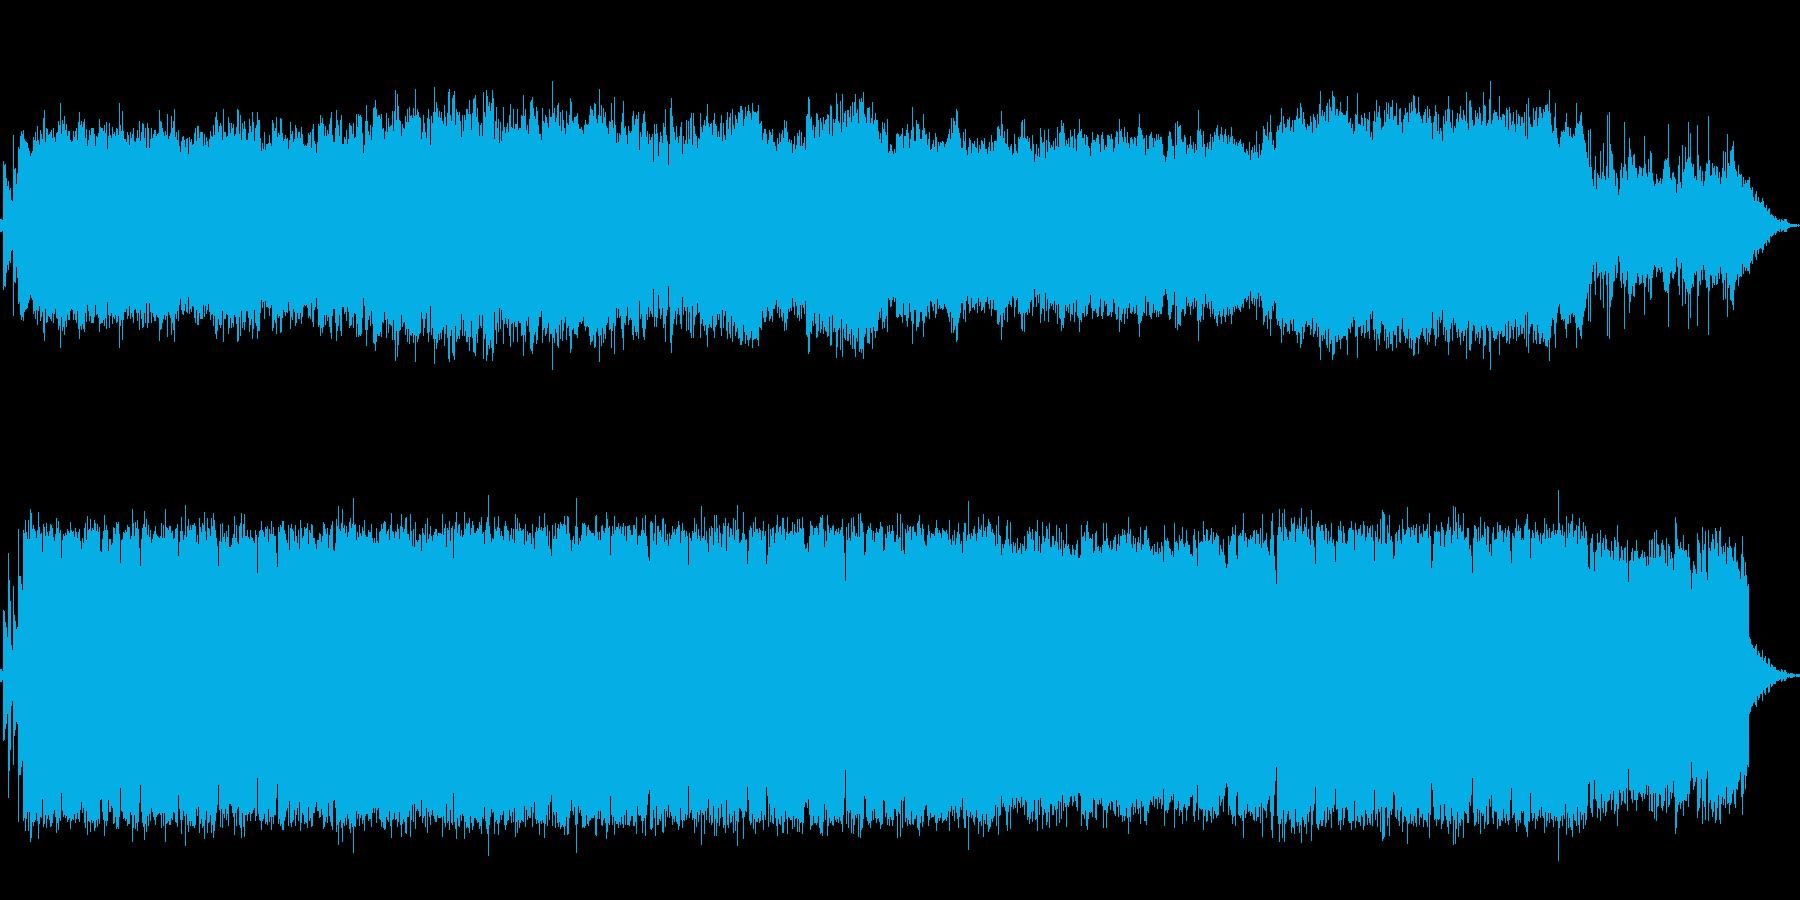 AMAZING GRACEのギター演奏曲の再生済みの波形